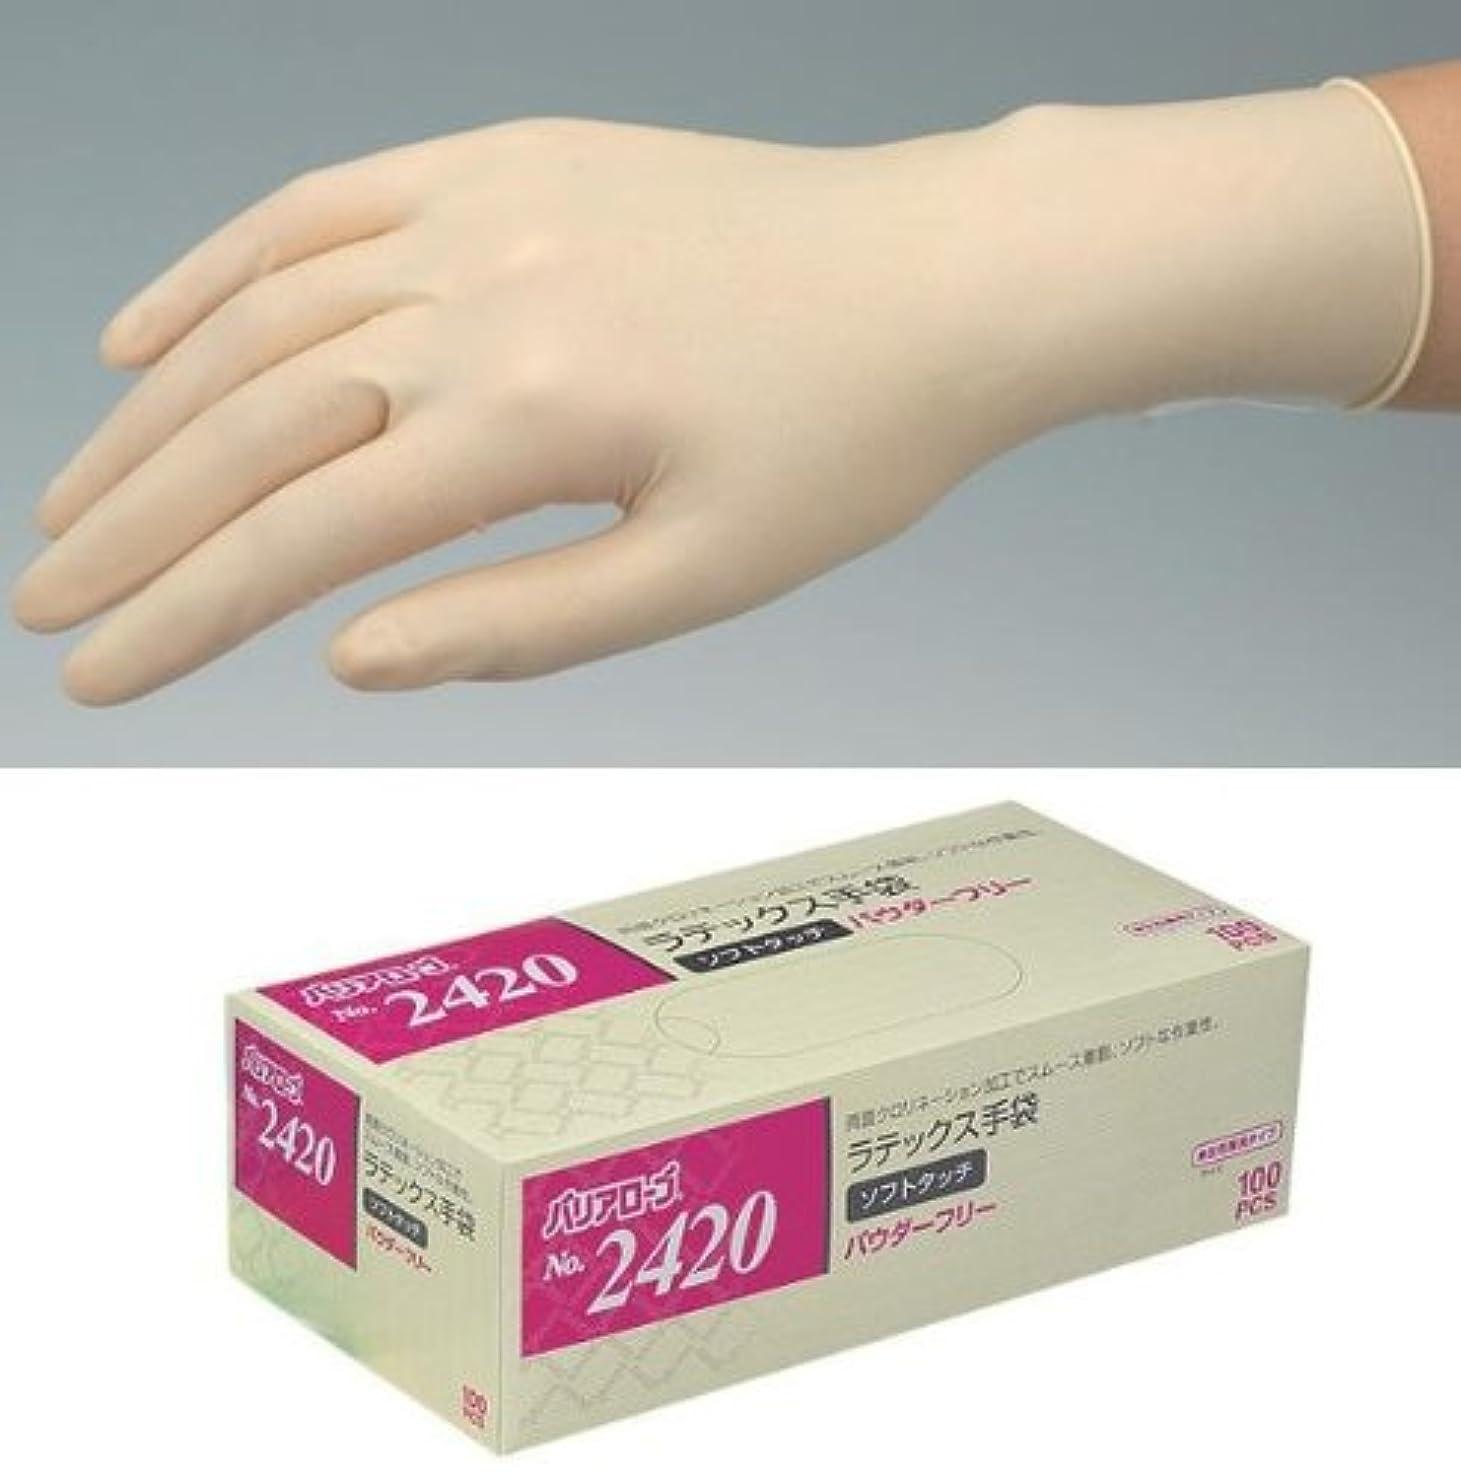 ボクシング溶接黙バリアローブ ラテックス手袋 ソフトタッチPF(左右兼用) 100枚×20箱 NO.2420   M